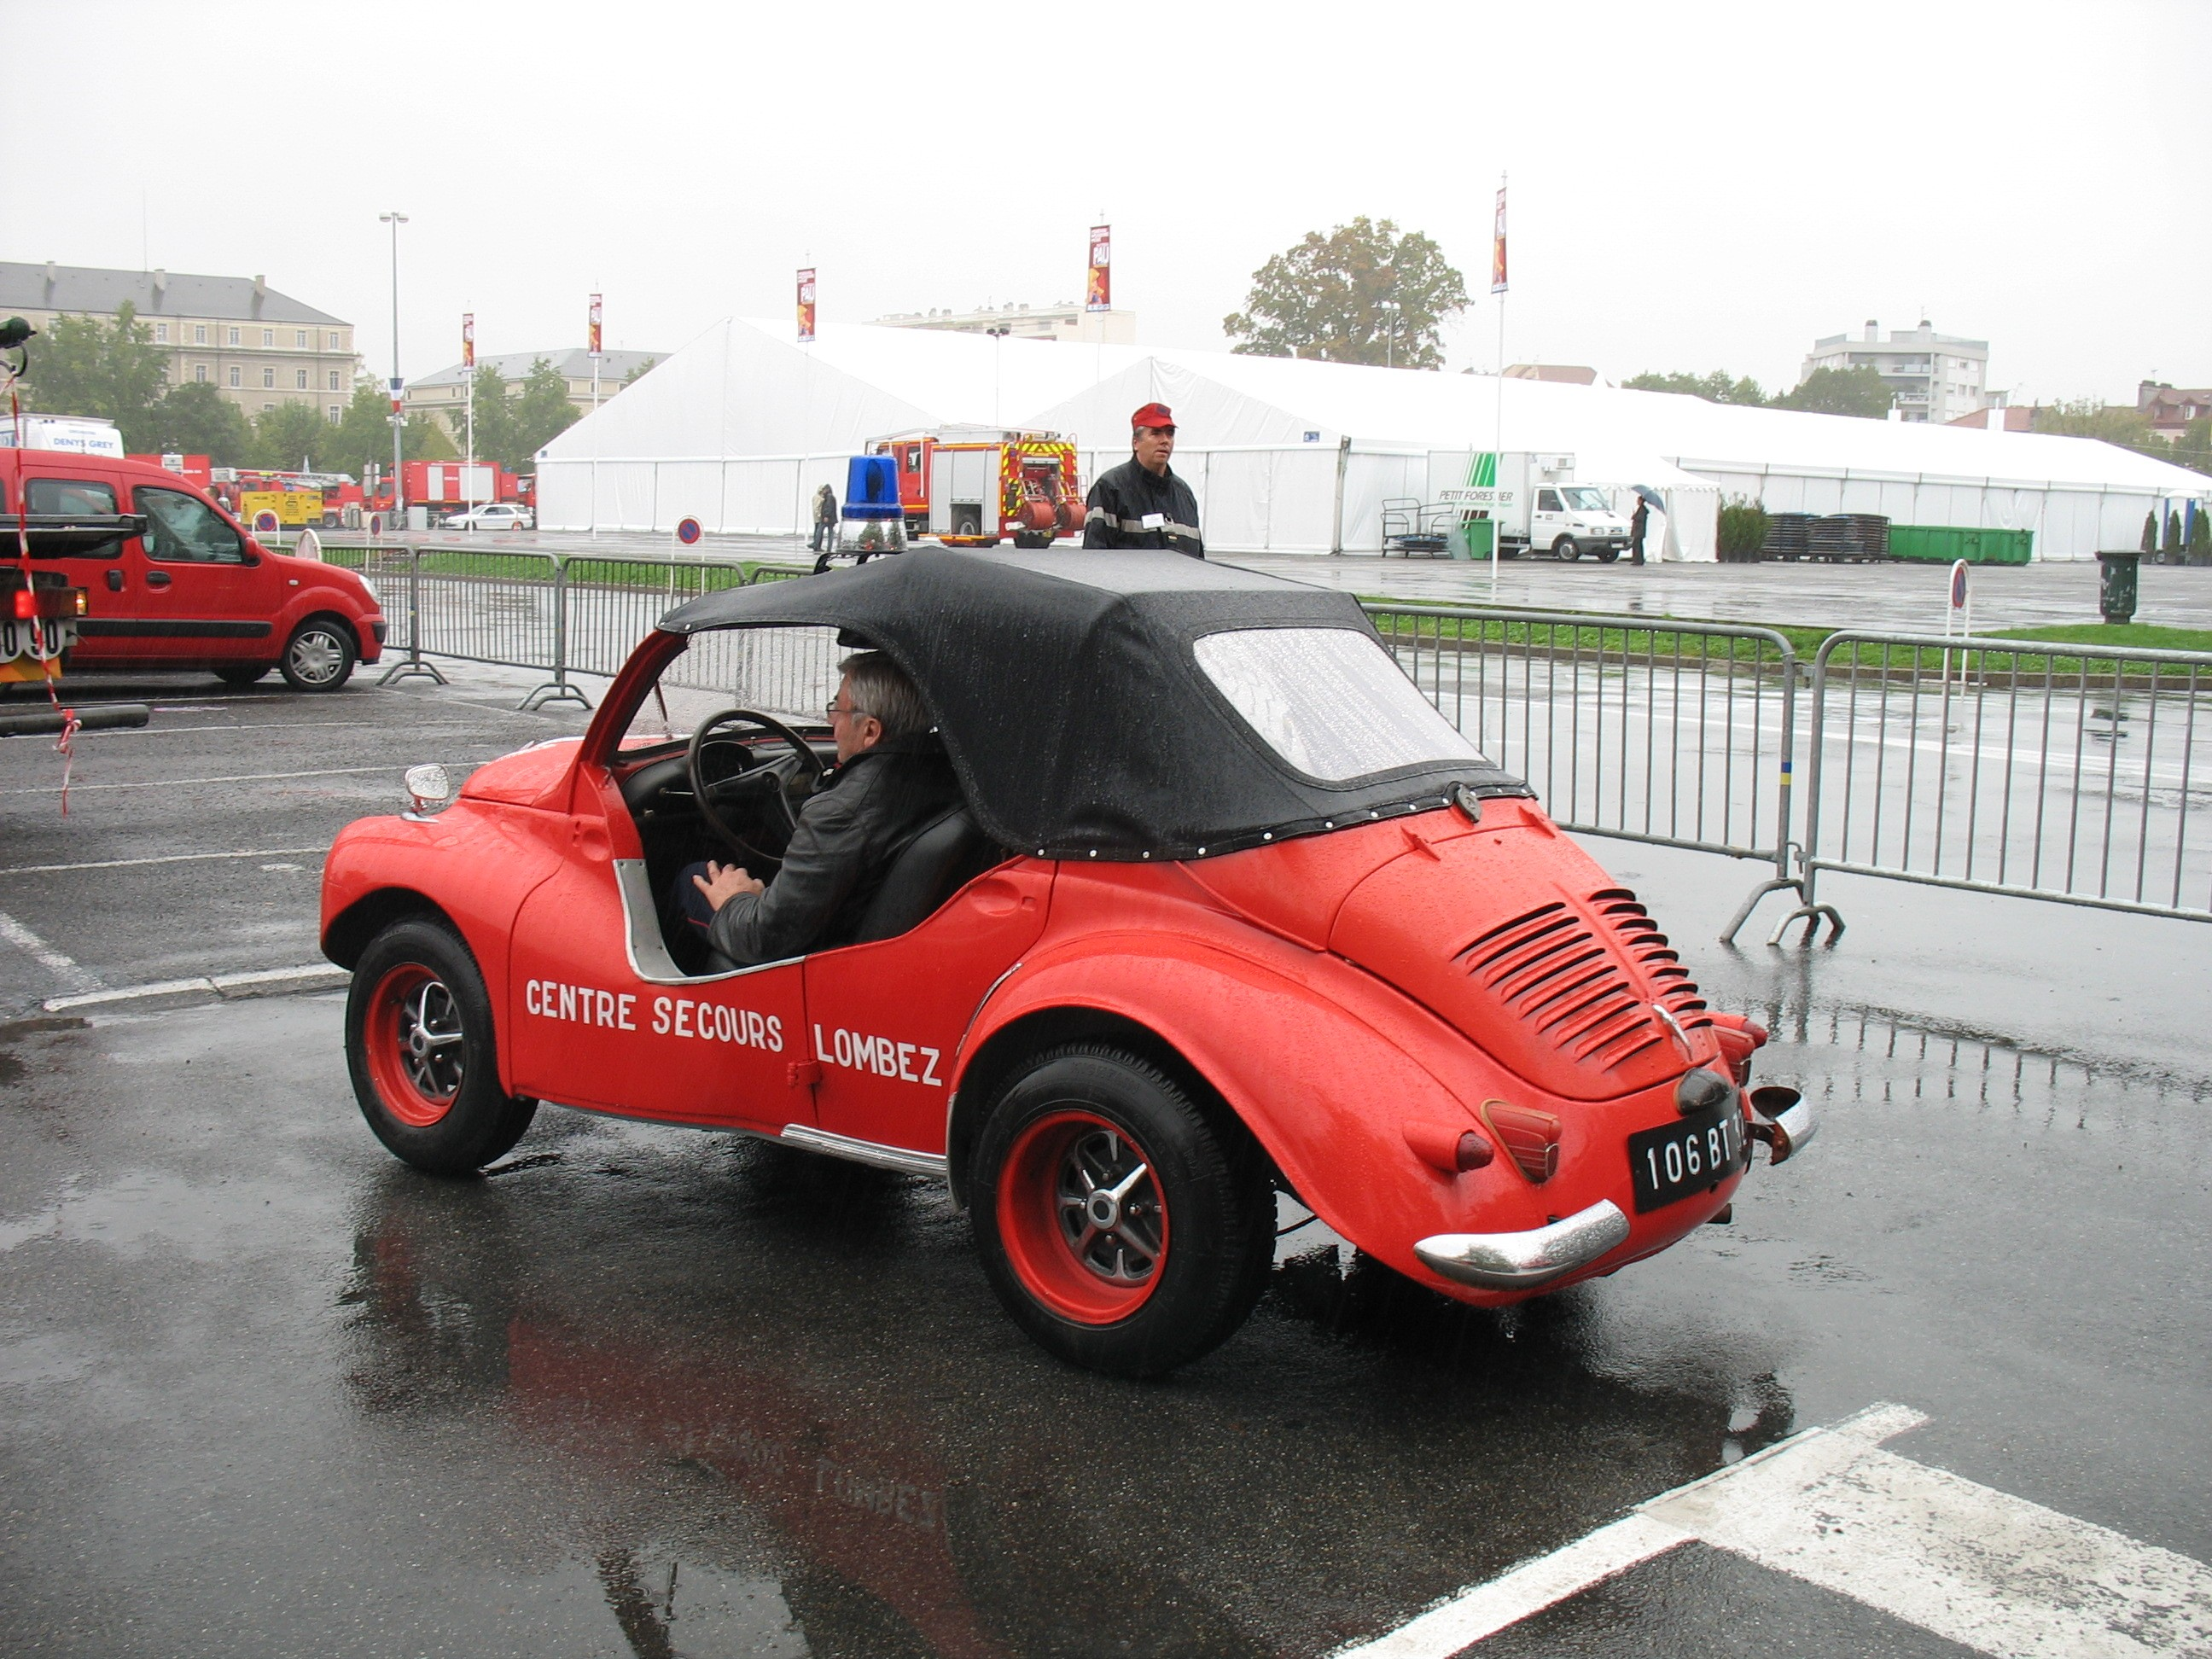 V hicule de pompier ancien page 25 auto titre for Garage auto goussainville